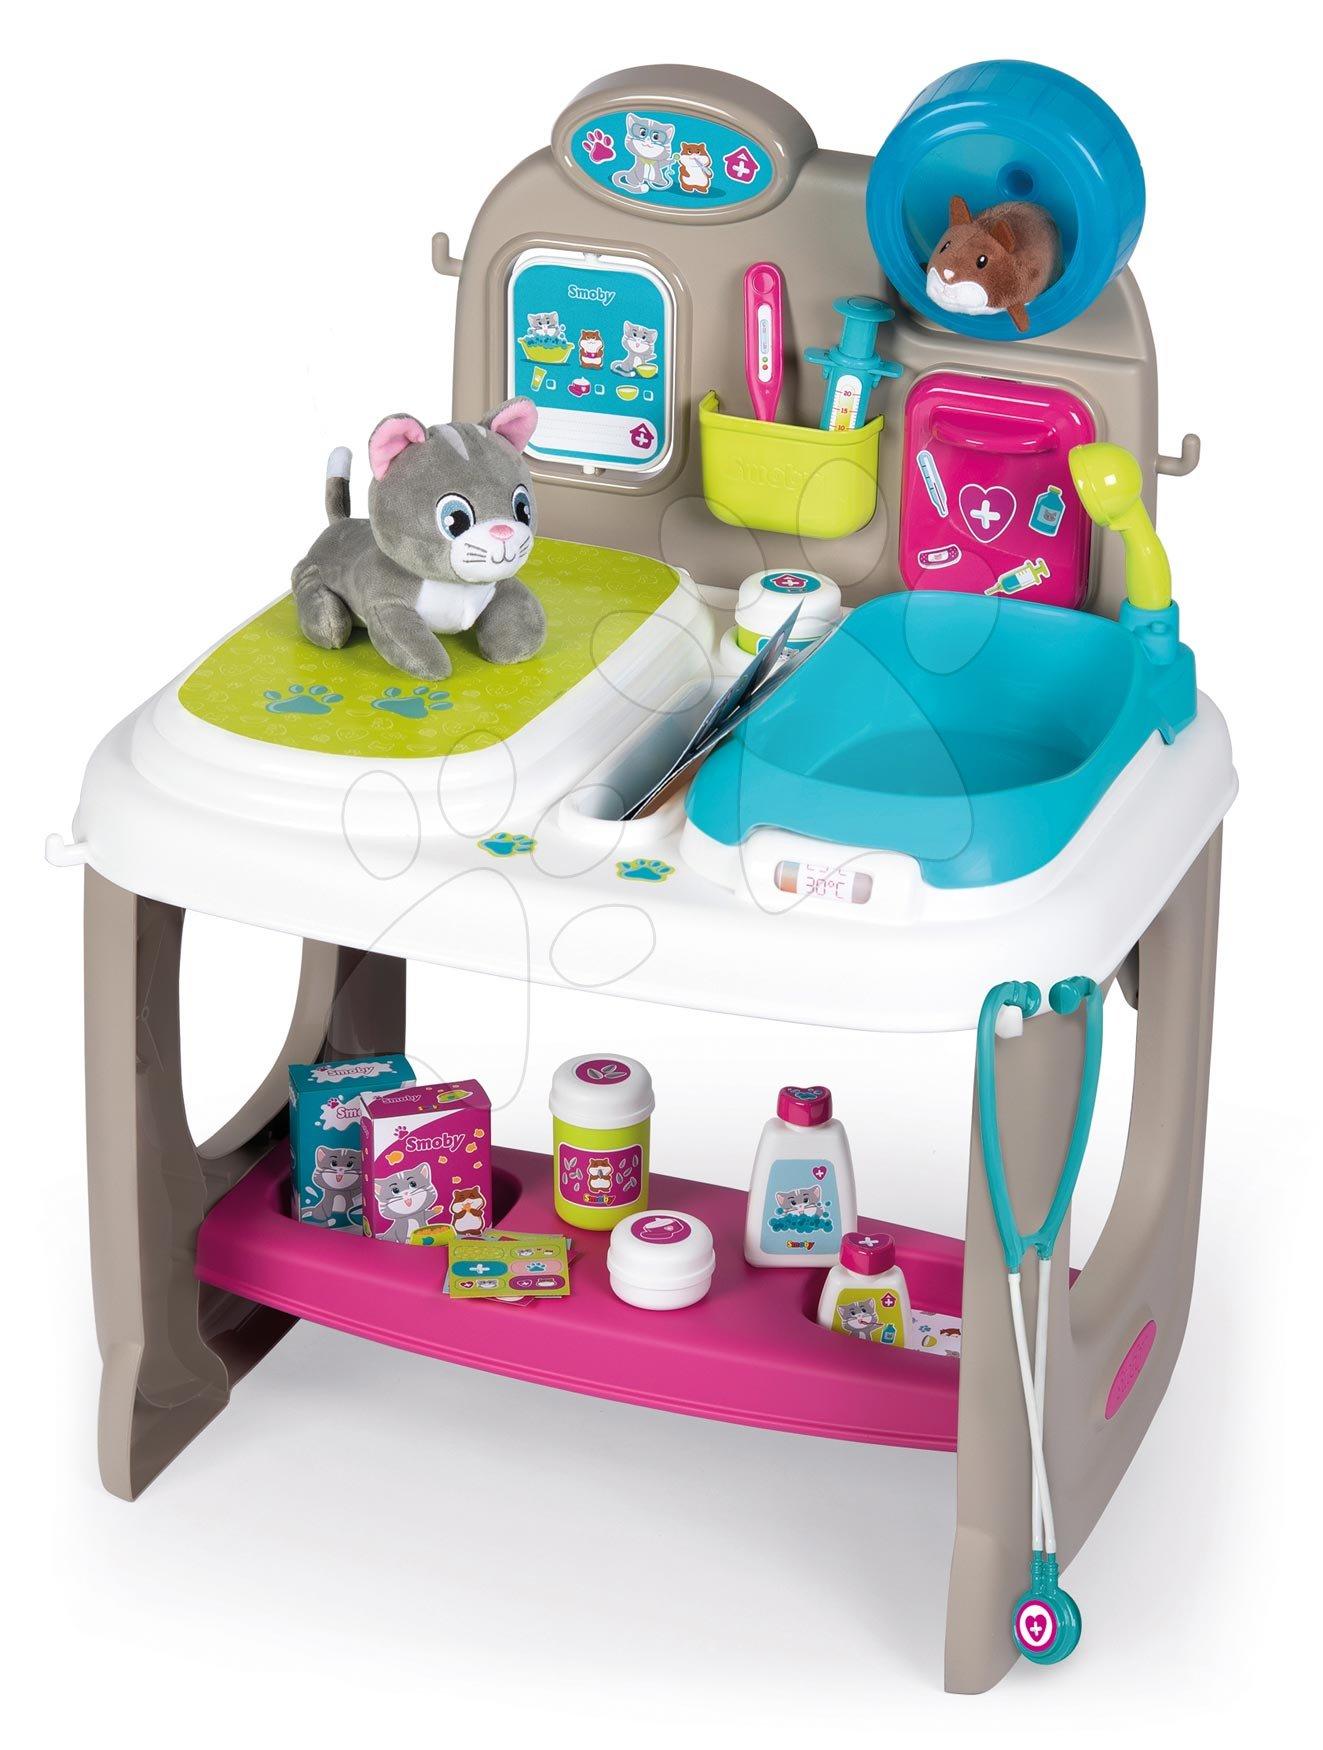 Zdravniški vozički za otroke - Veterinarska ambulanta z živalcami Veterinary Center Smoby s pultom in banjica za kopanje s 18 dodatki